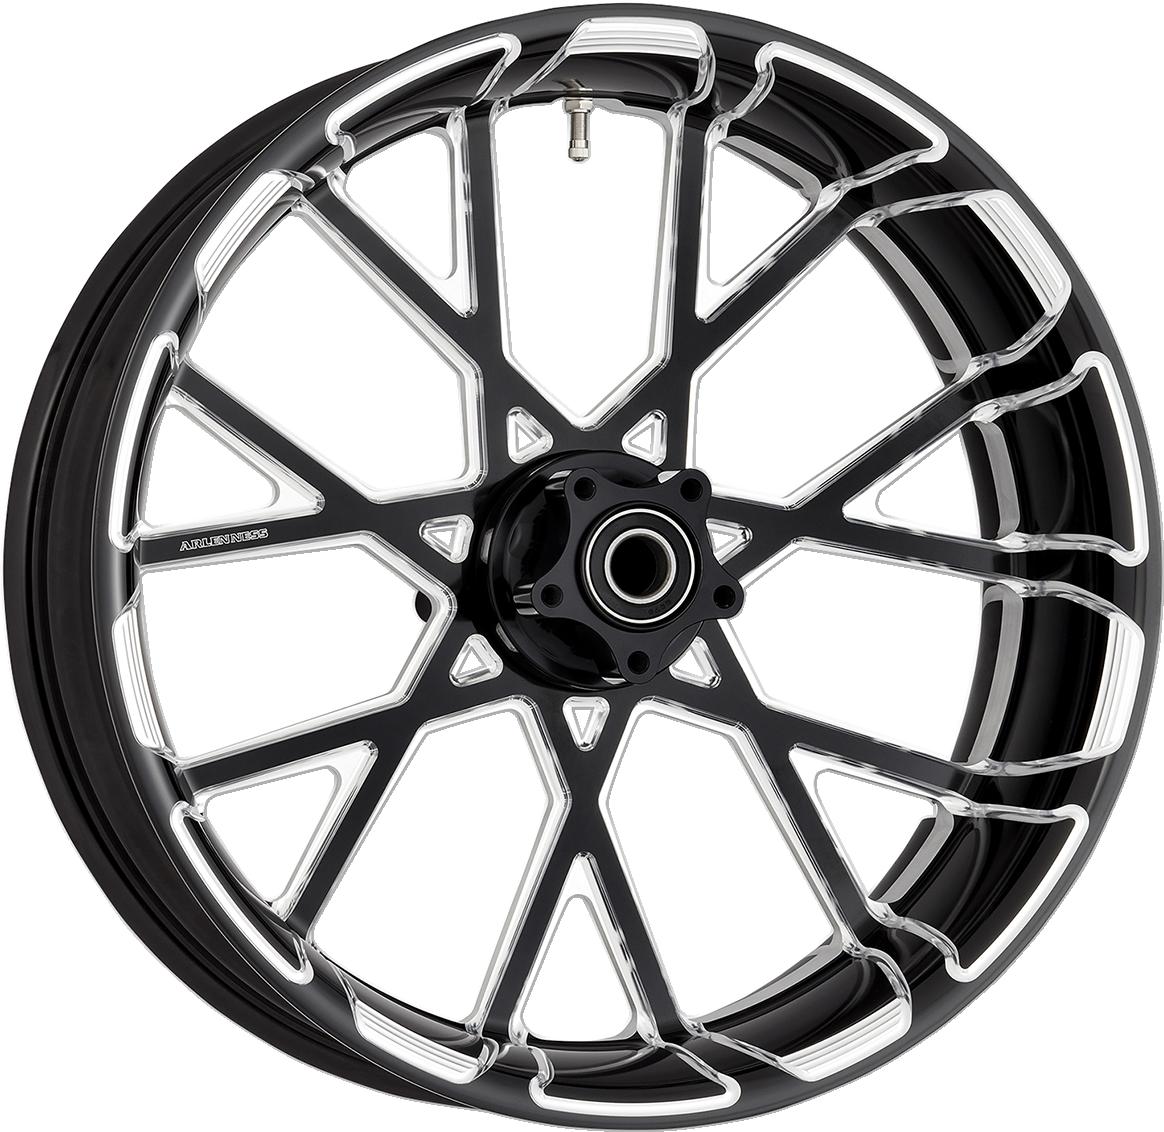 """Arlen Ness Procross Black 18"""" x 5.5"""" Rear Wheel for 09-19 Harley Touring FLHX"""